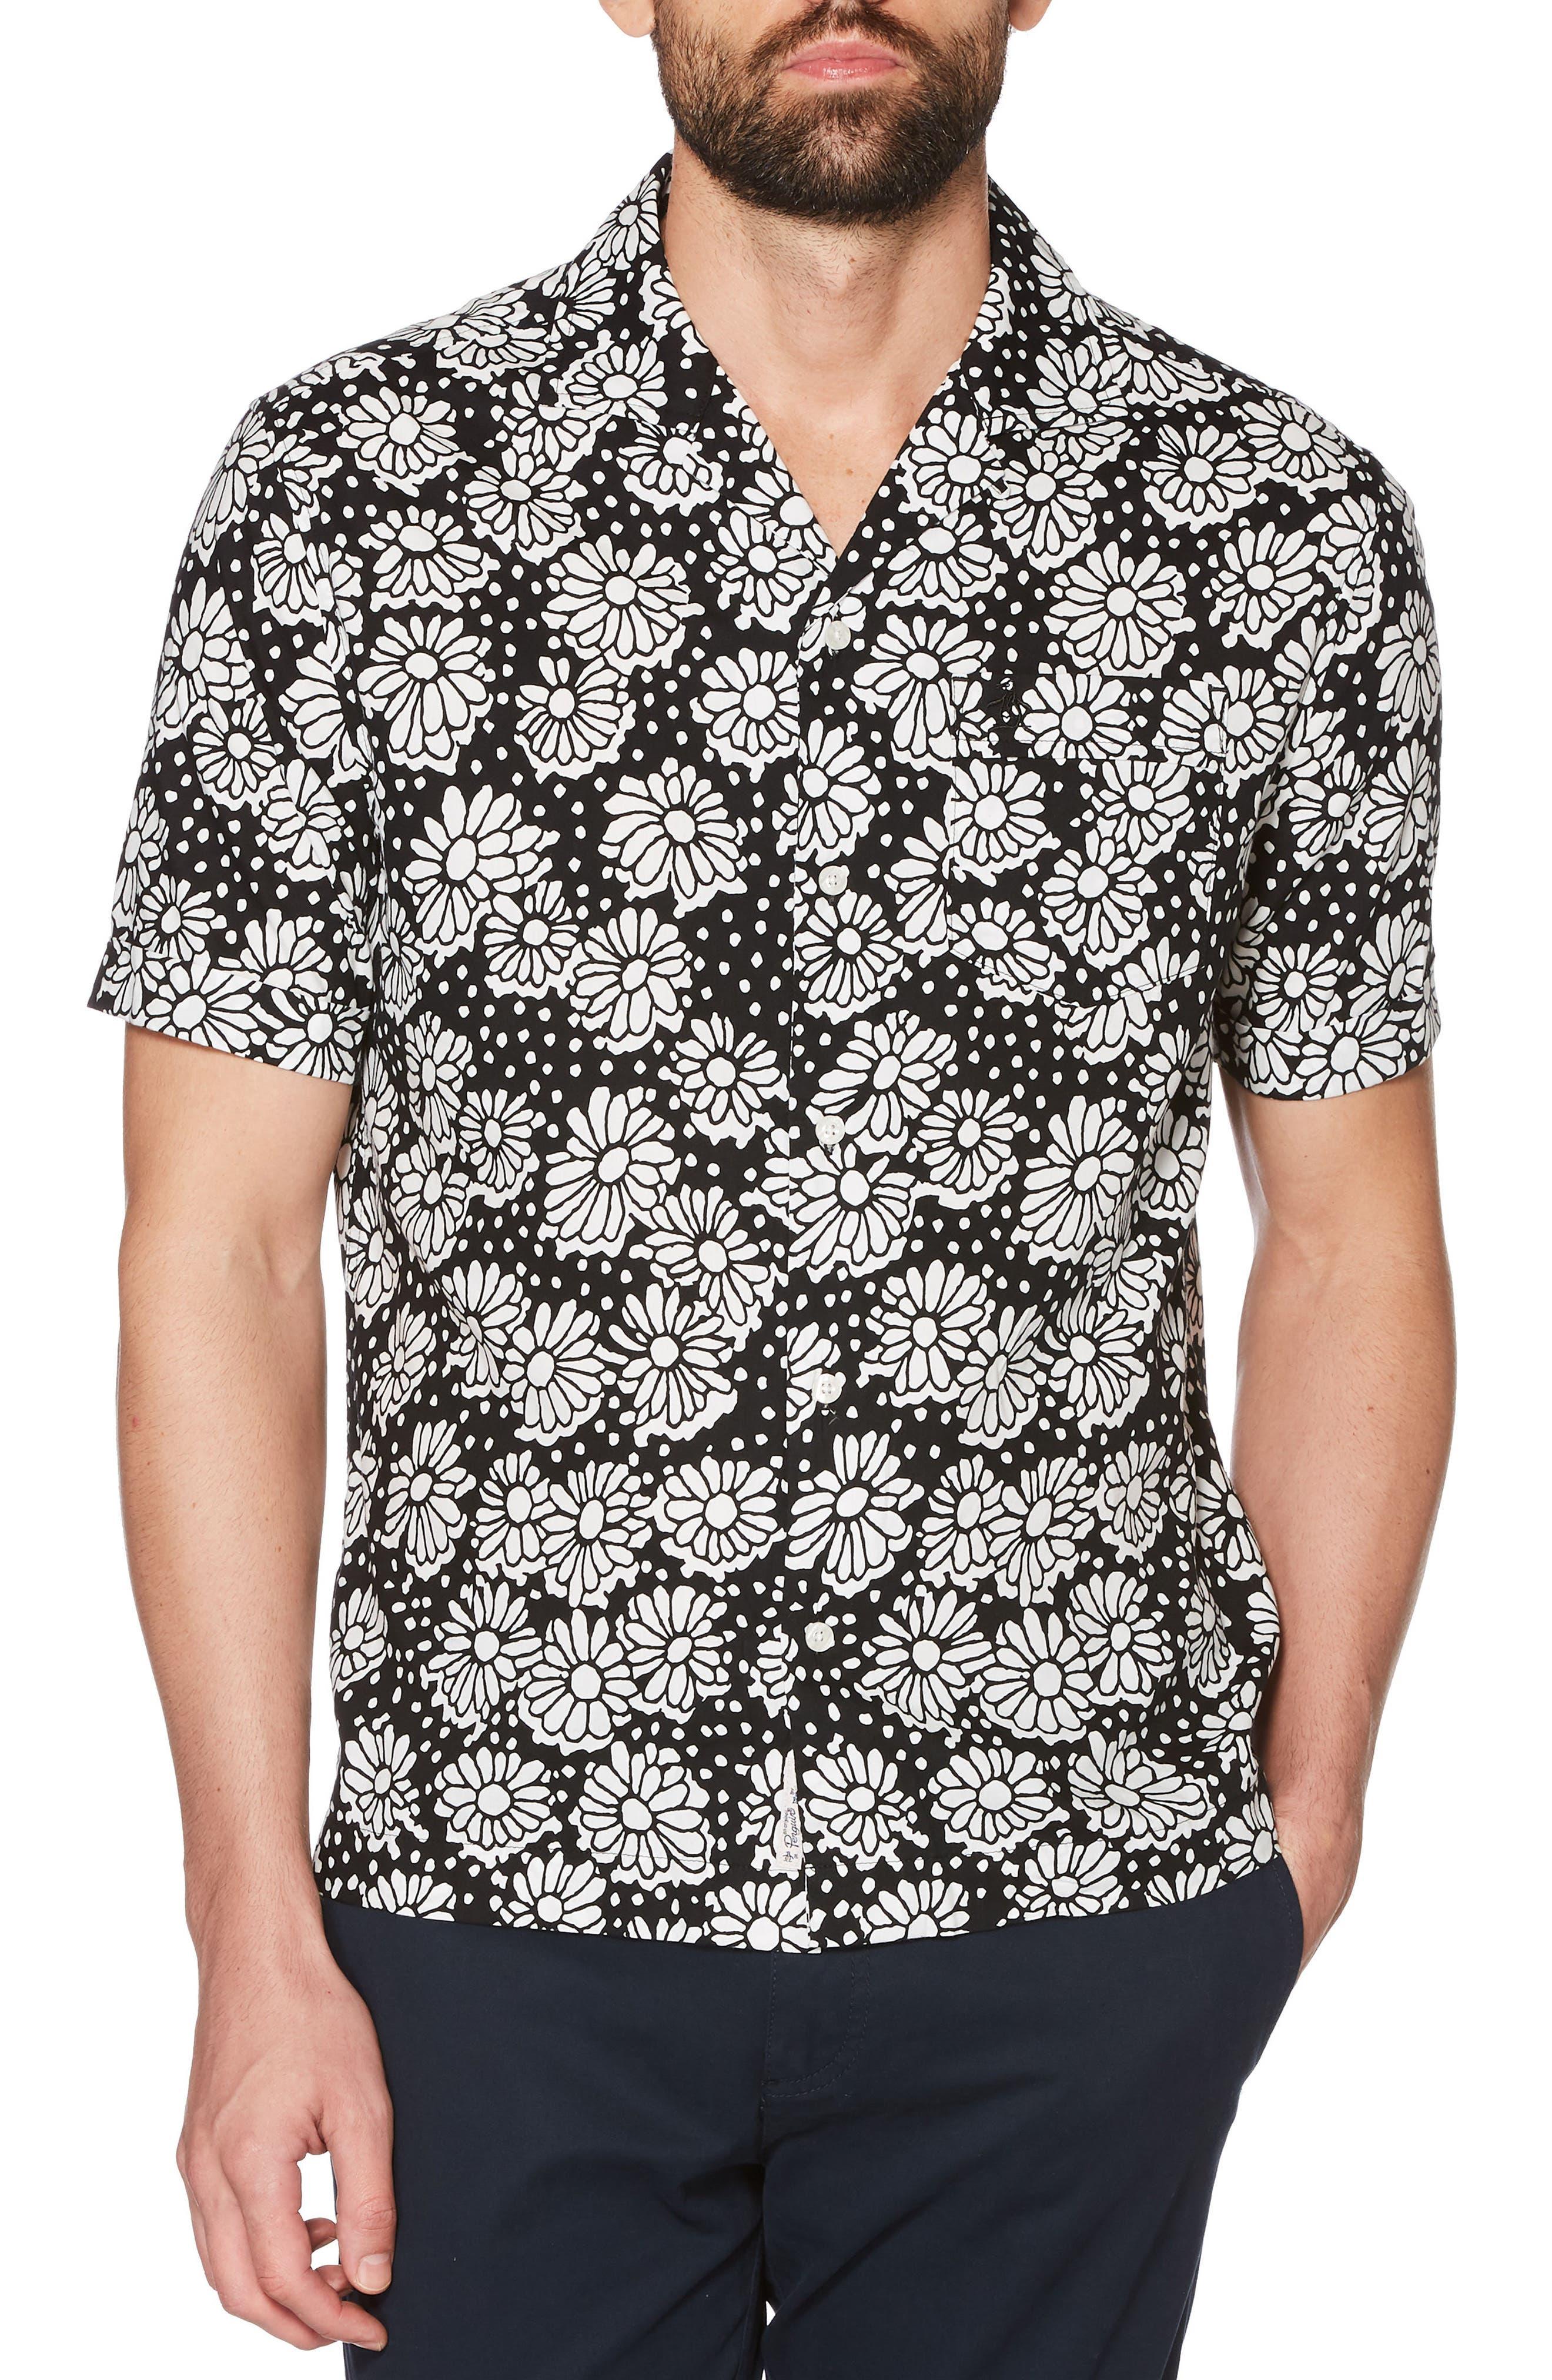 Daisy Print Camp Shirt,                         Main,                         color, True Black